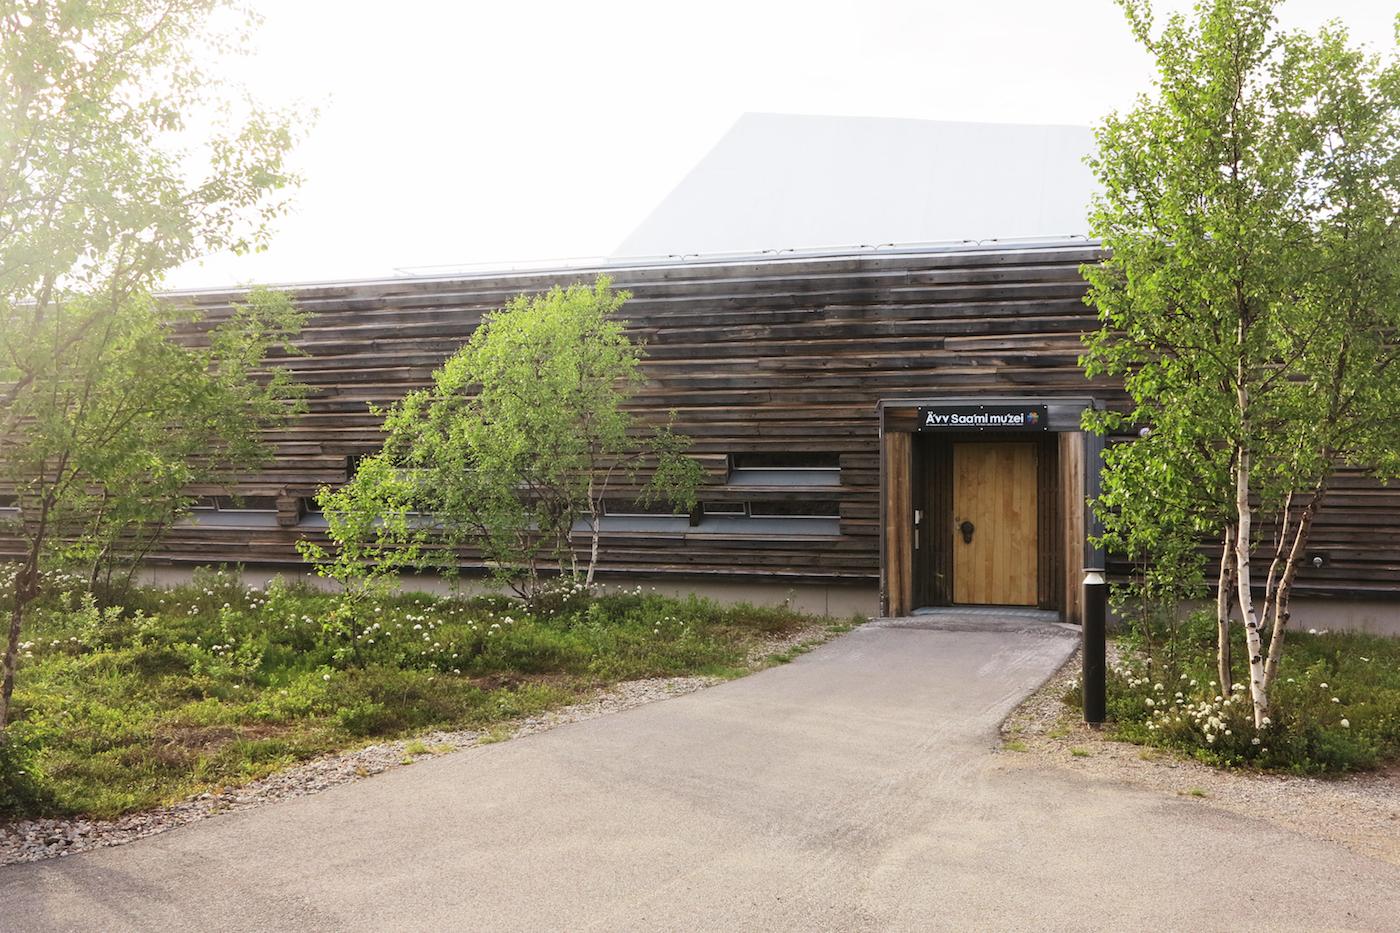 PIR II: Museumsbygningen er tegnet av Pir II arkitektkontor og sto ferdig i 2009. FOTO: Ä'VV SKOLTESAMISK MUSEUM